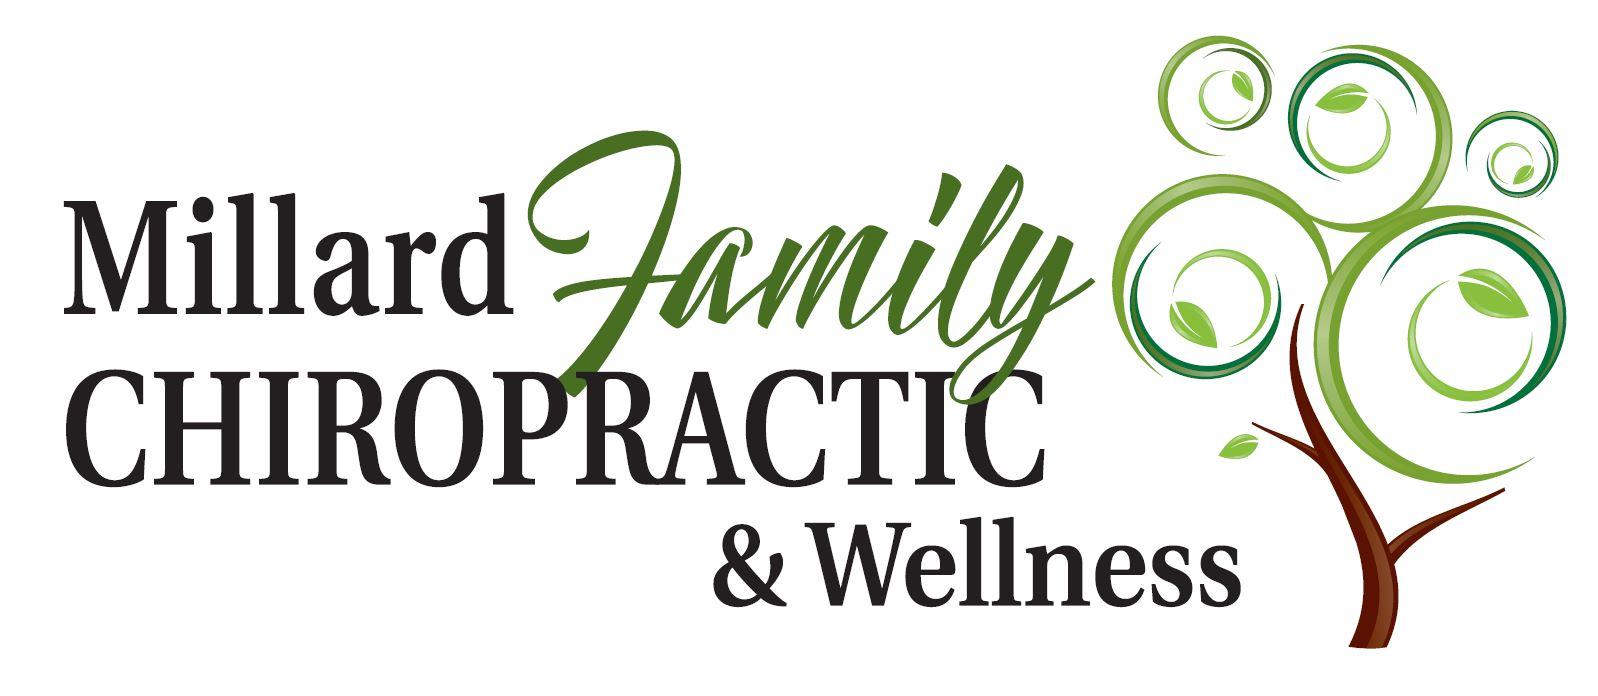 Millard Family Chiropractic.JPG